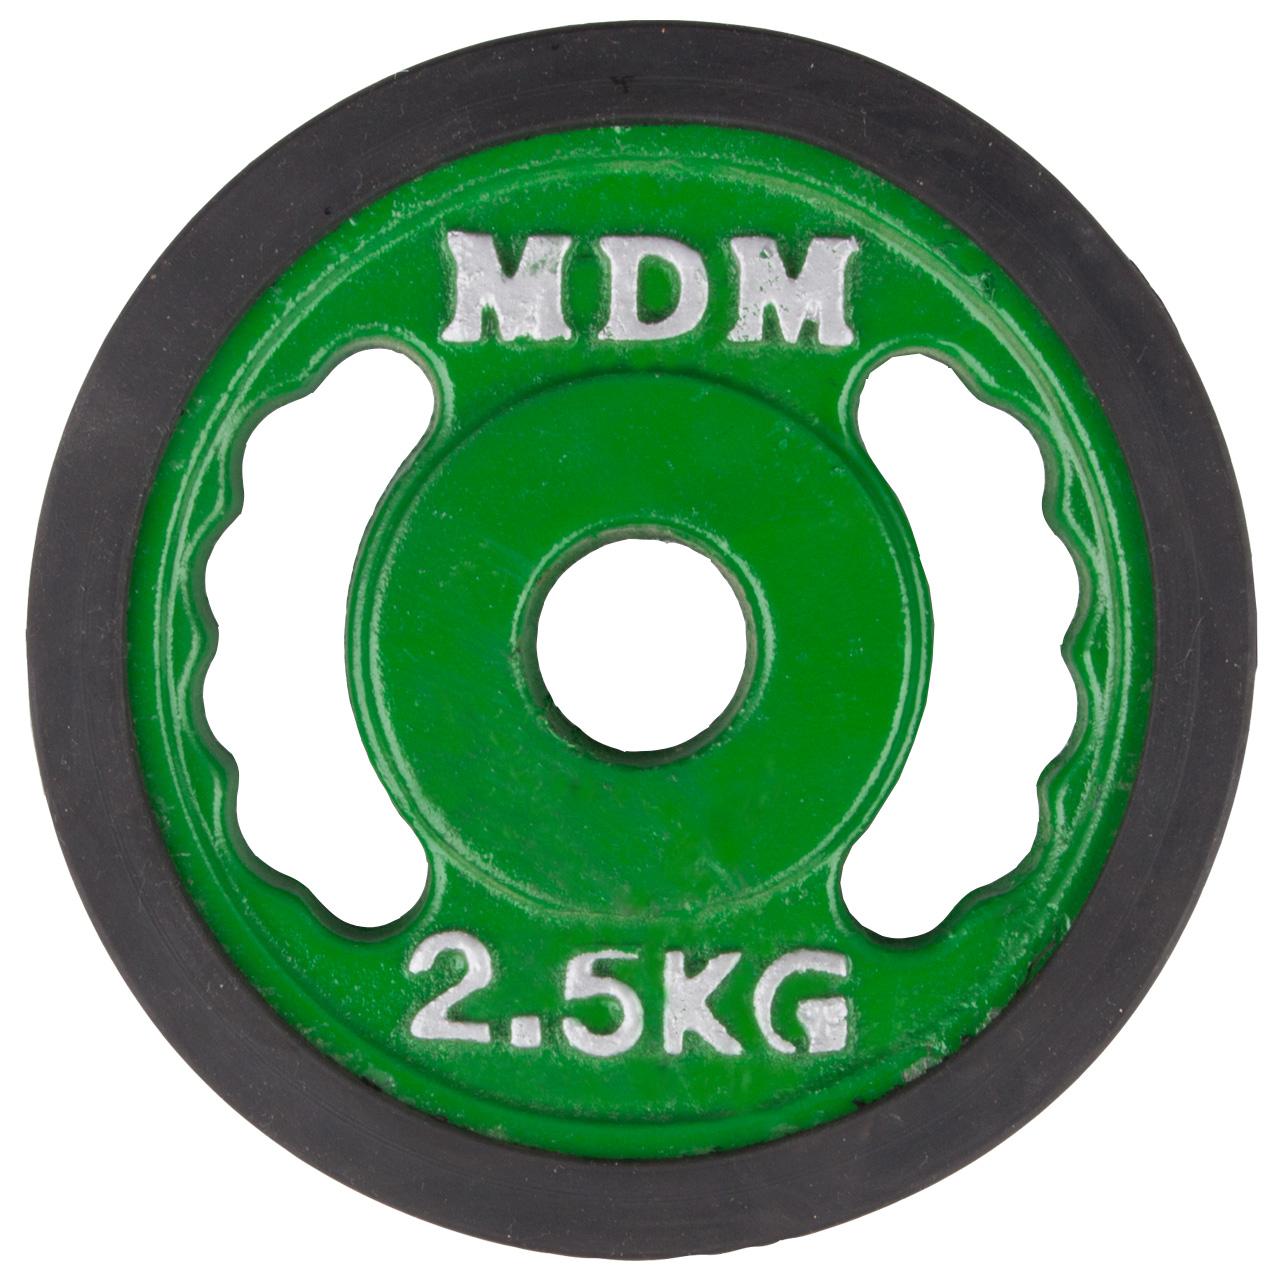 وزنه هالتر ام دی ام مدل N2 وزن 2.5 کیلوگرم بسته 2 عددی